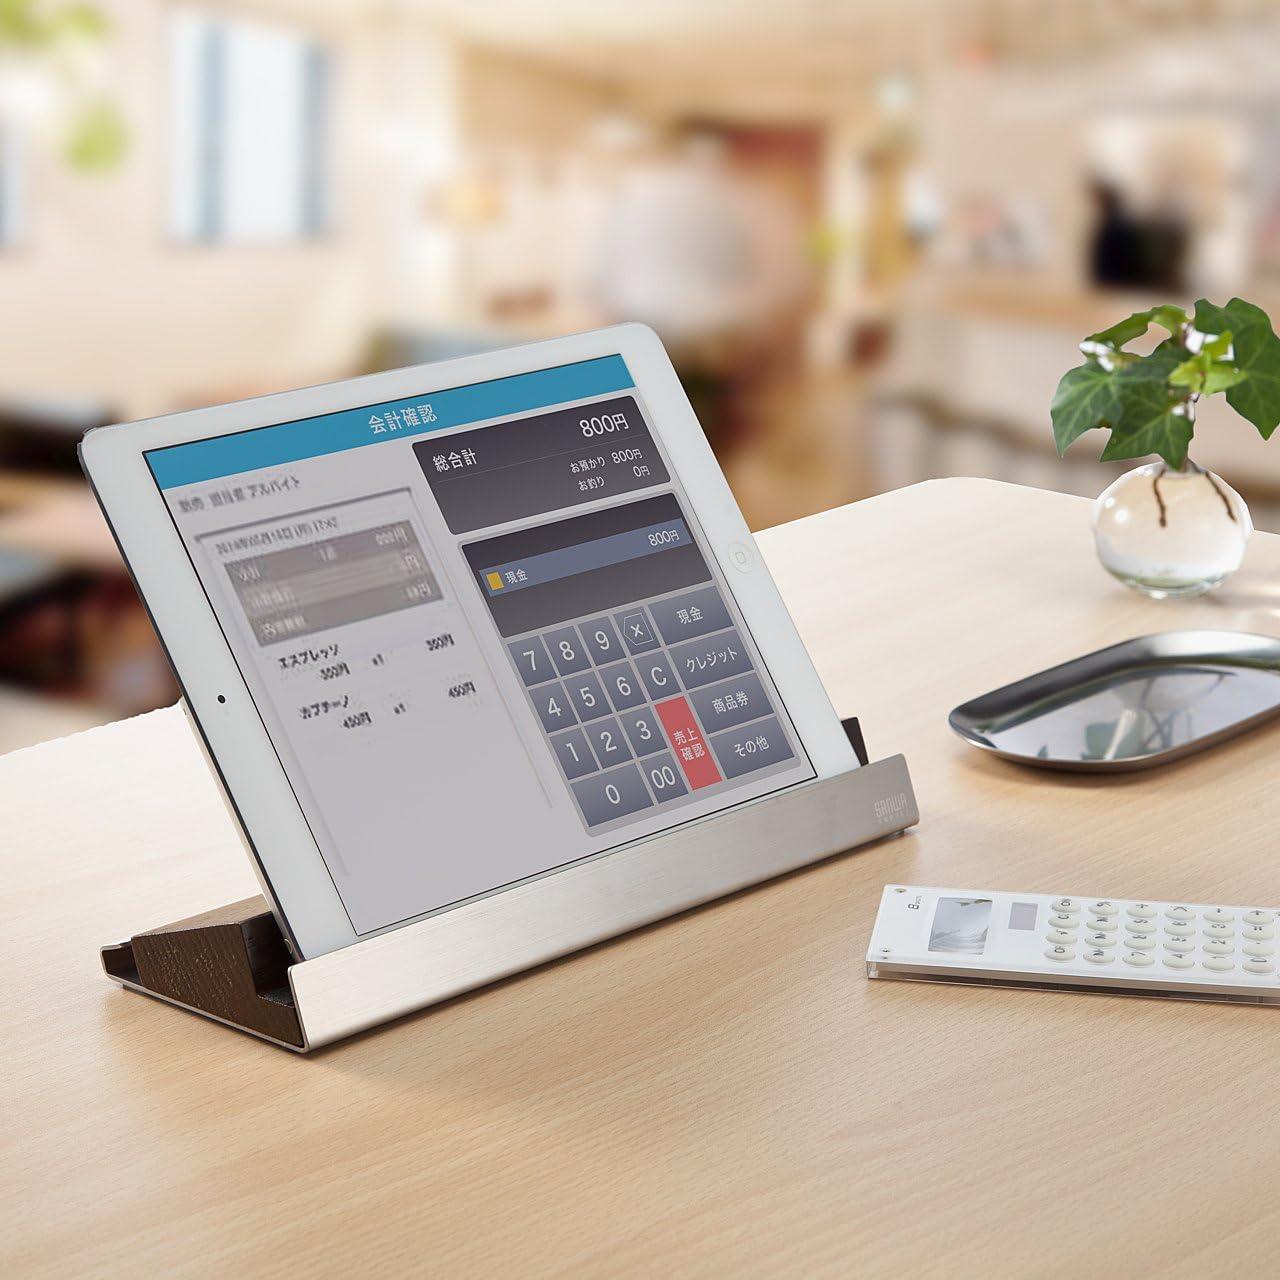 サンワダイレクト iPad・タブレット・スマートフォン スタンド 木製オーク×ステンレス素材 iPhone X iPhone 8 /8 Plus iPad Pro 10.5インチ ipad mini 対応 200-STN020S